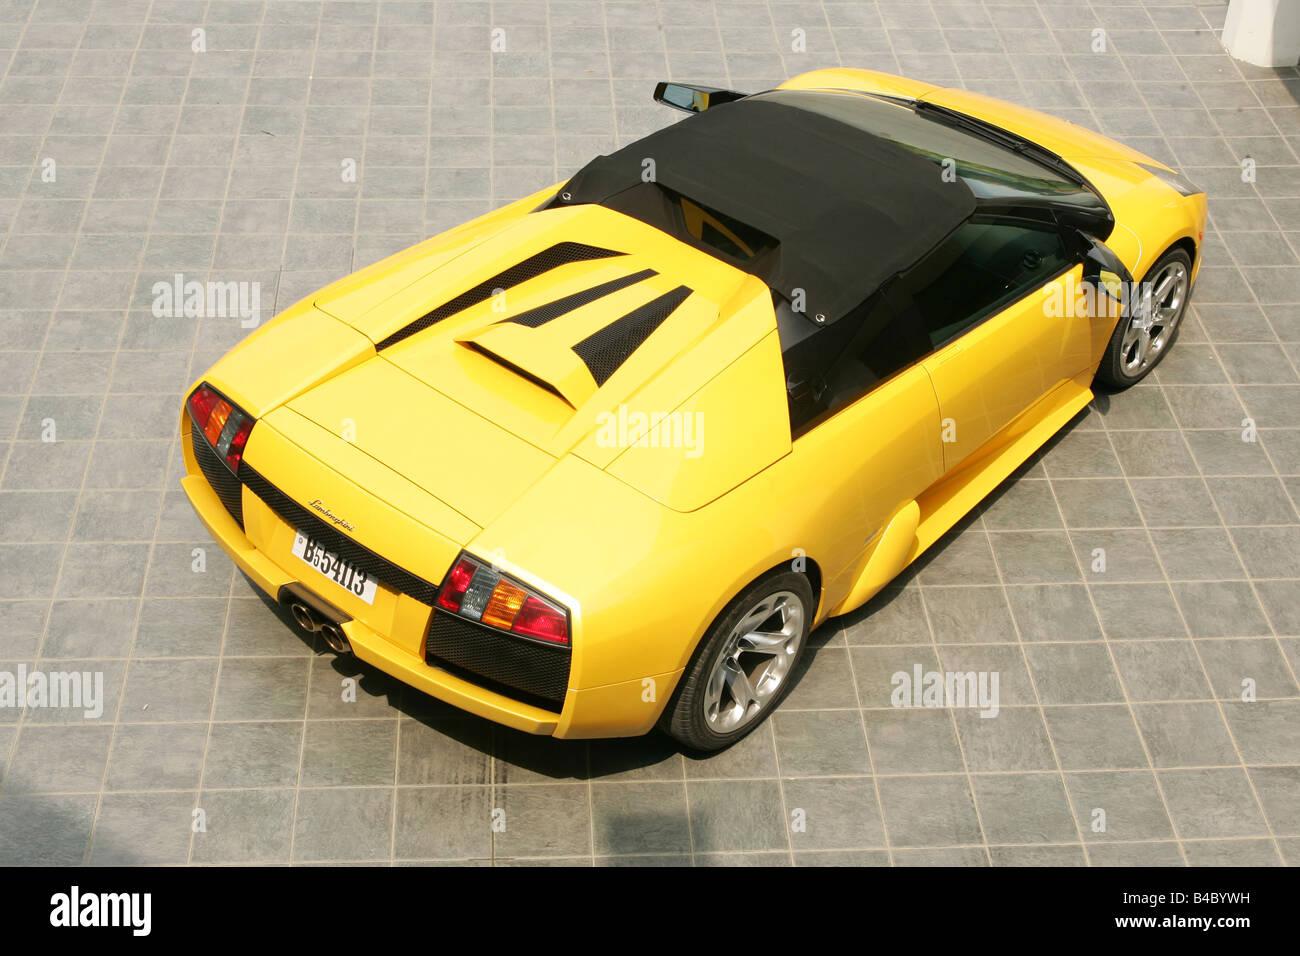 Car Lamborghini Murcielago Roadster Model Year 2004 Yellow Stock